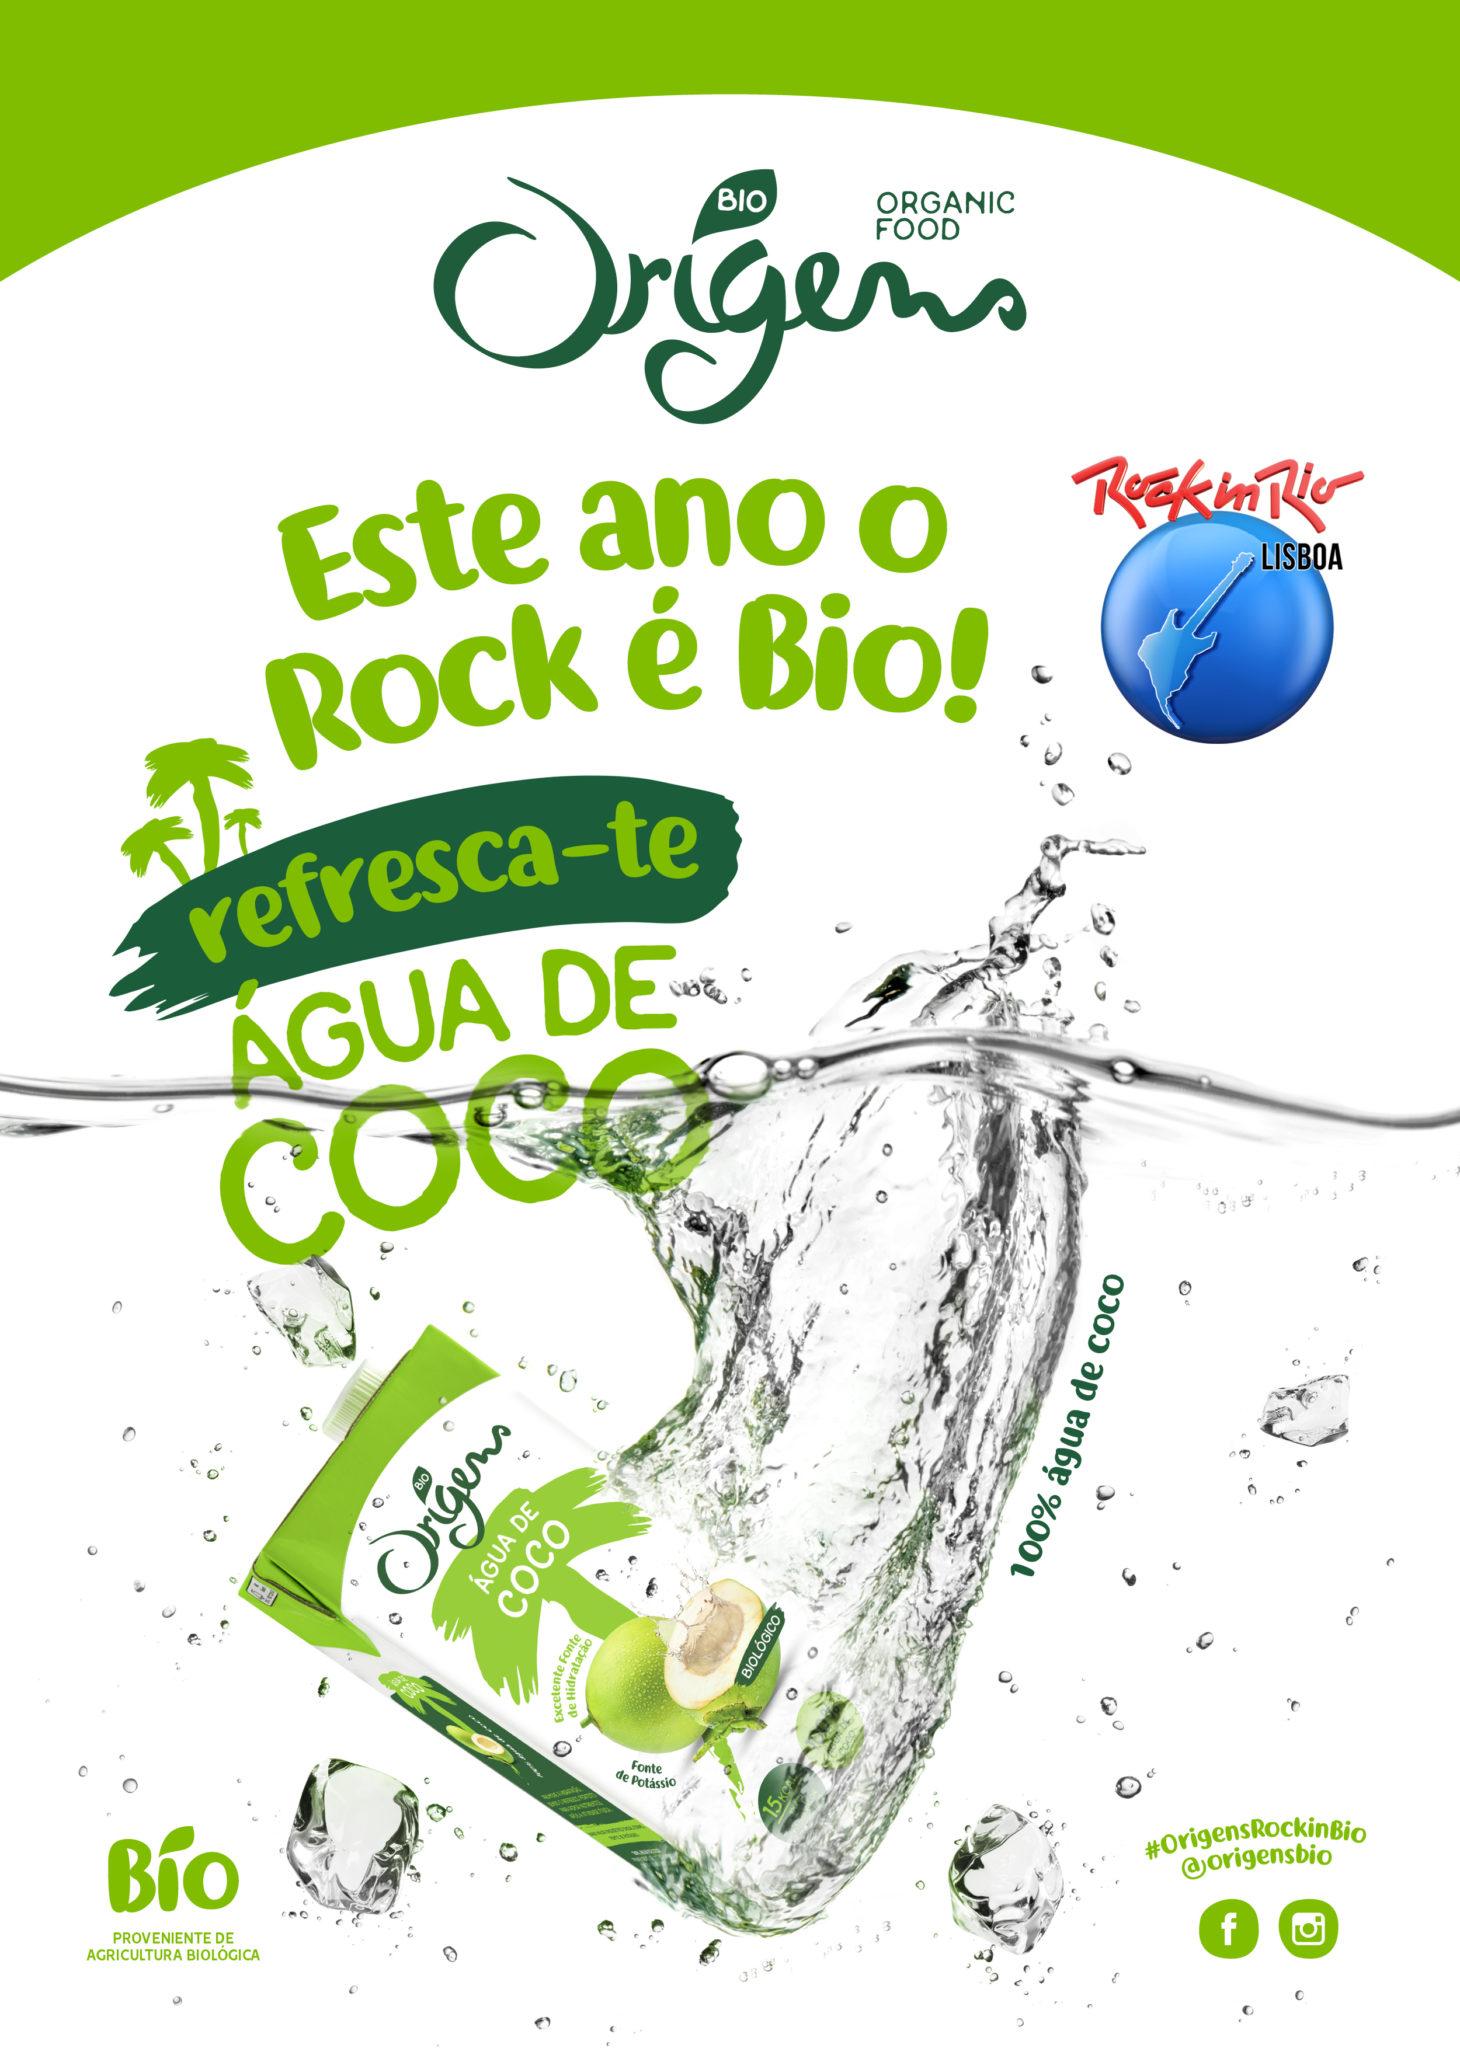 Coco_Origens Bio Rock in Rio (2)